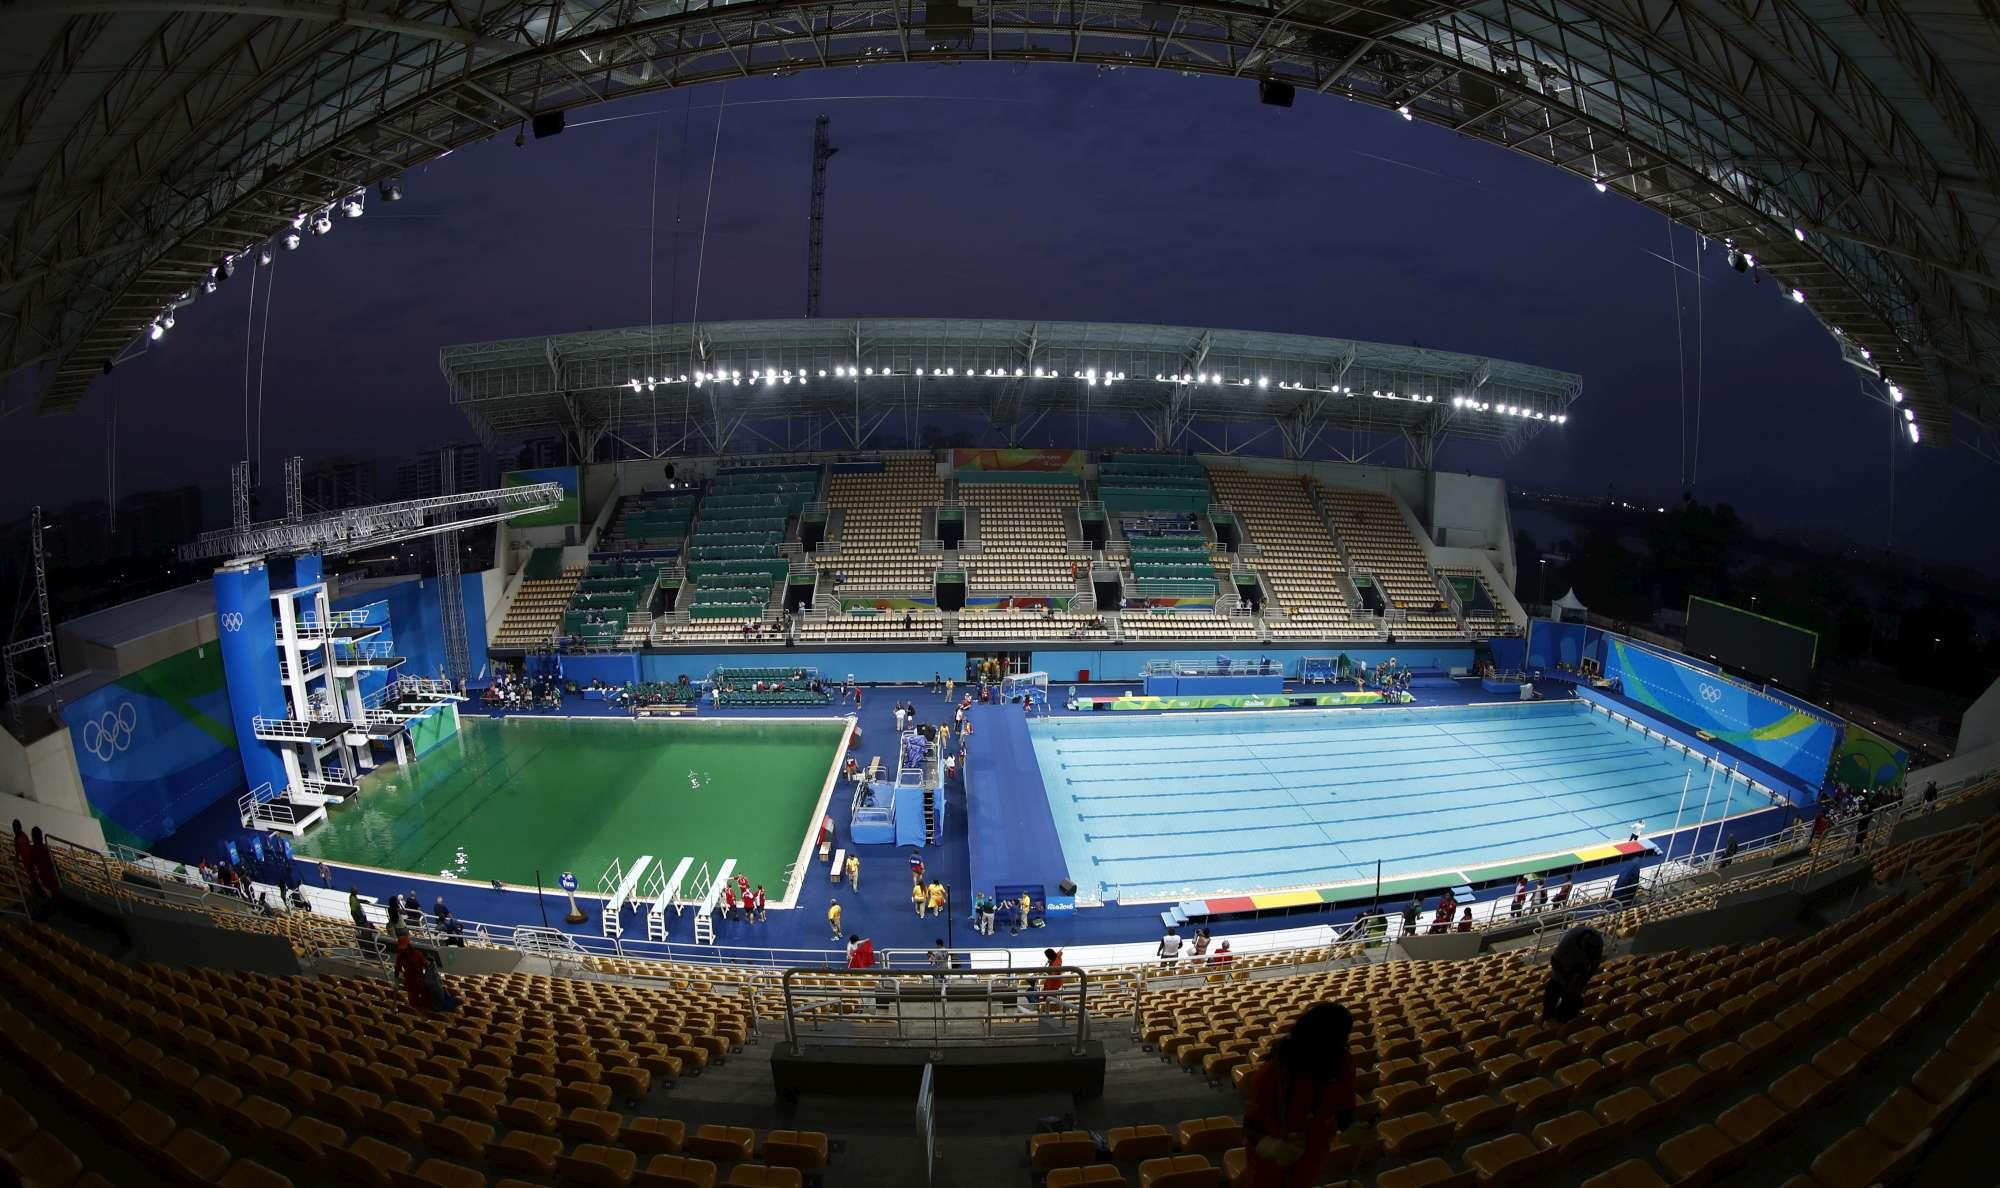 Rio, l acqua della piscina dei tuffi è verde